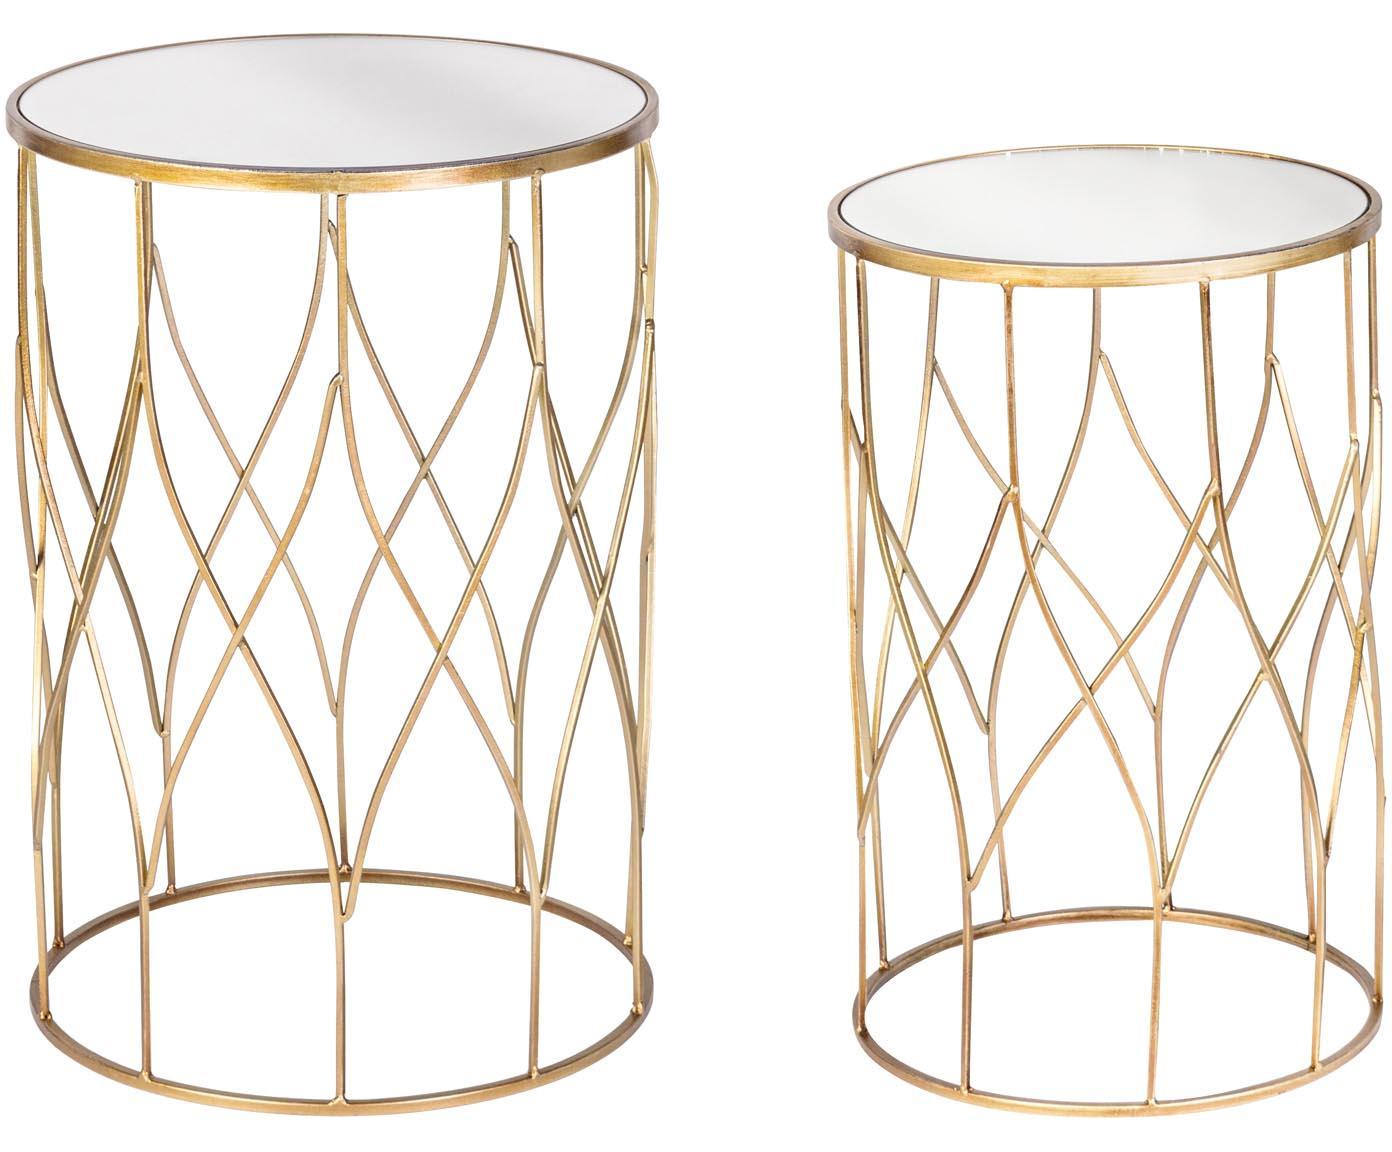 Beistelltisch 2er-Set Elenor Large mit Spiegelglasplatte, Gestell: Metall, pulverbeschichtet, Tischplatte: Spiegelglas, Gestell: GoldfarbenTischoberfläche: Spiegelglas, Verschiedene Grössen